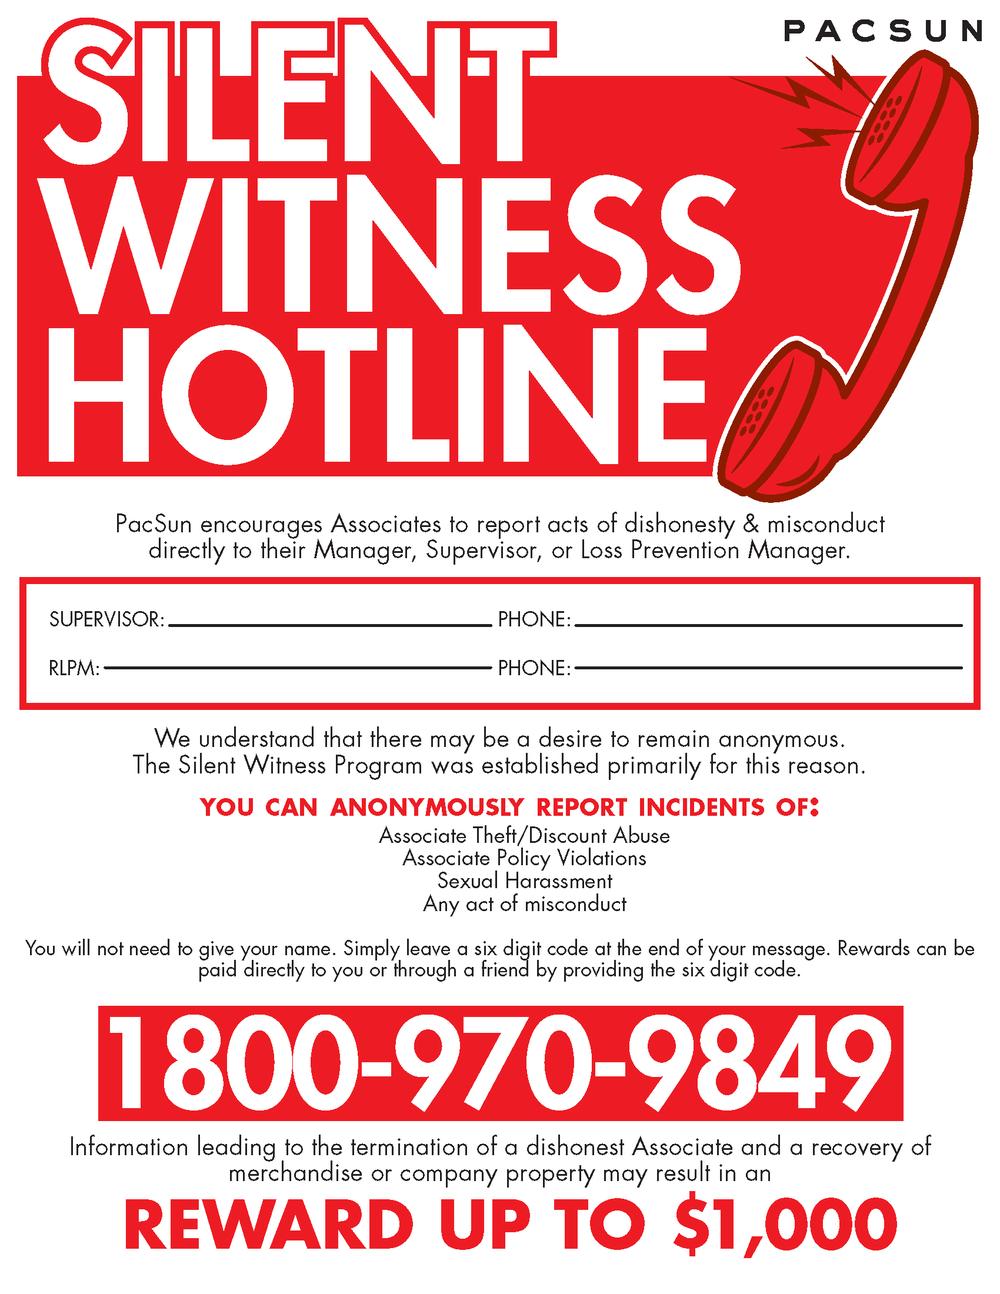 Silent Witness Hotline Poster.png